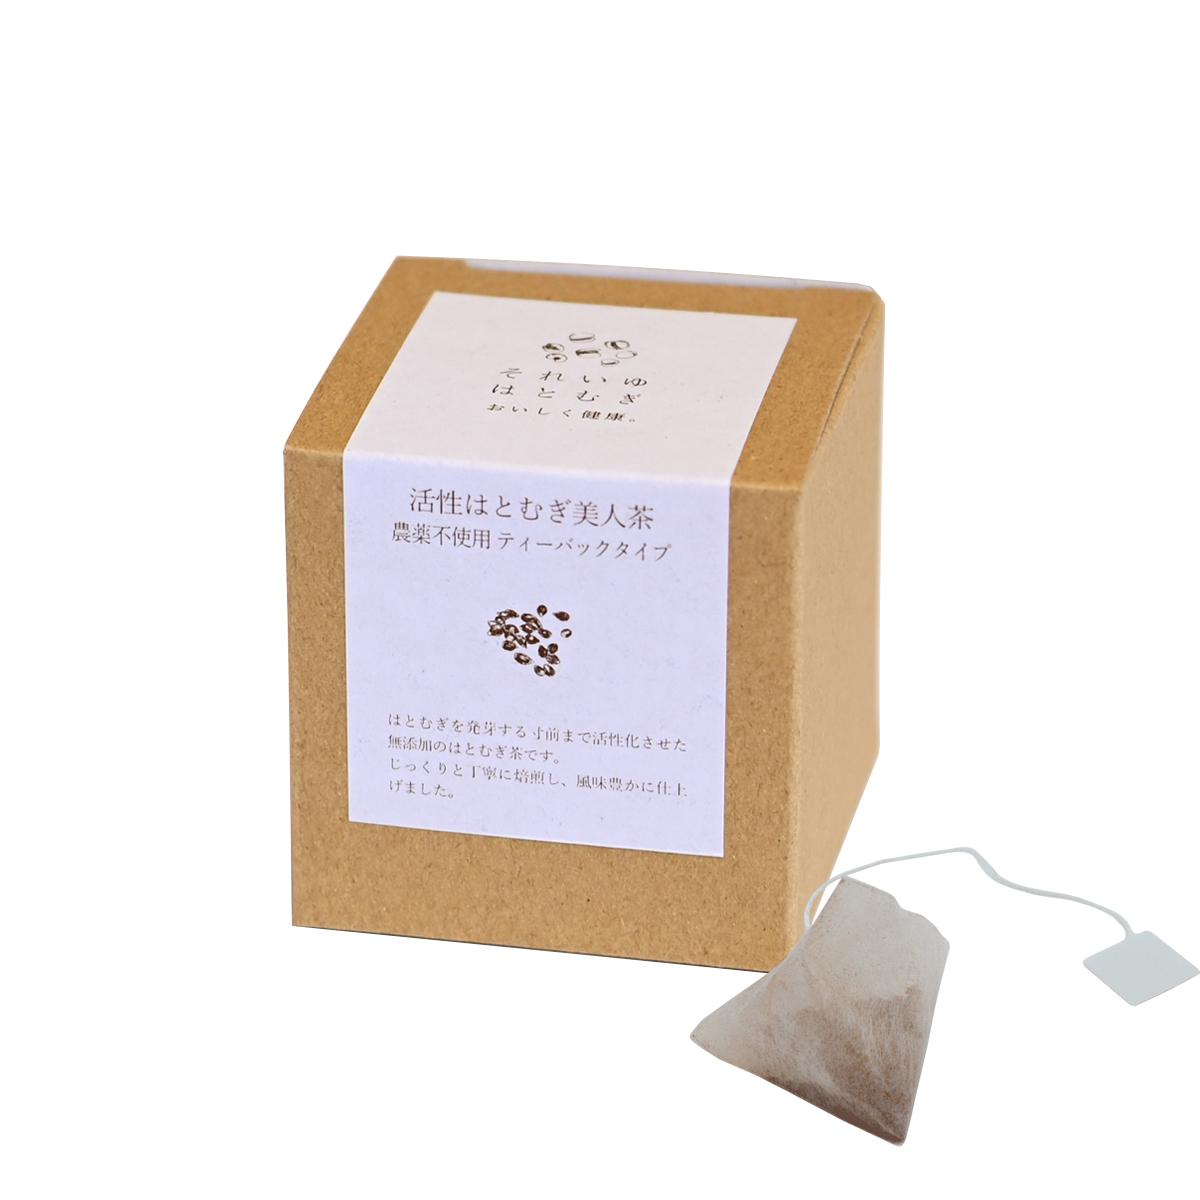 【5袋タイプ】活性はとむぎ美人茶 農薬不使用ティーバックタイプ